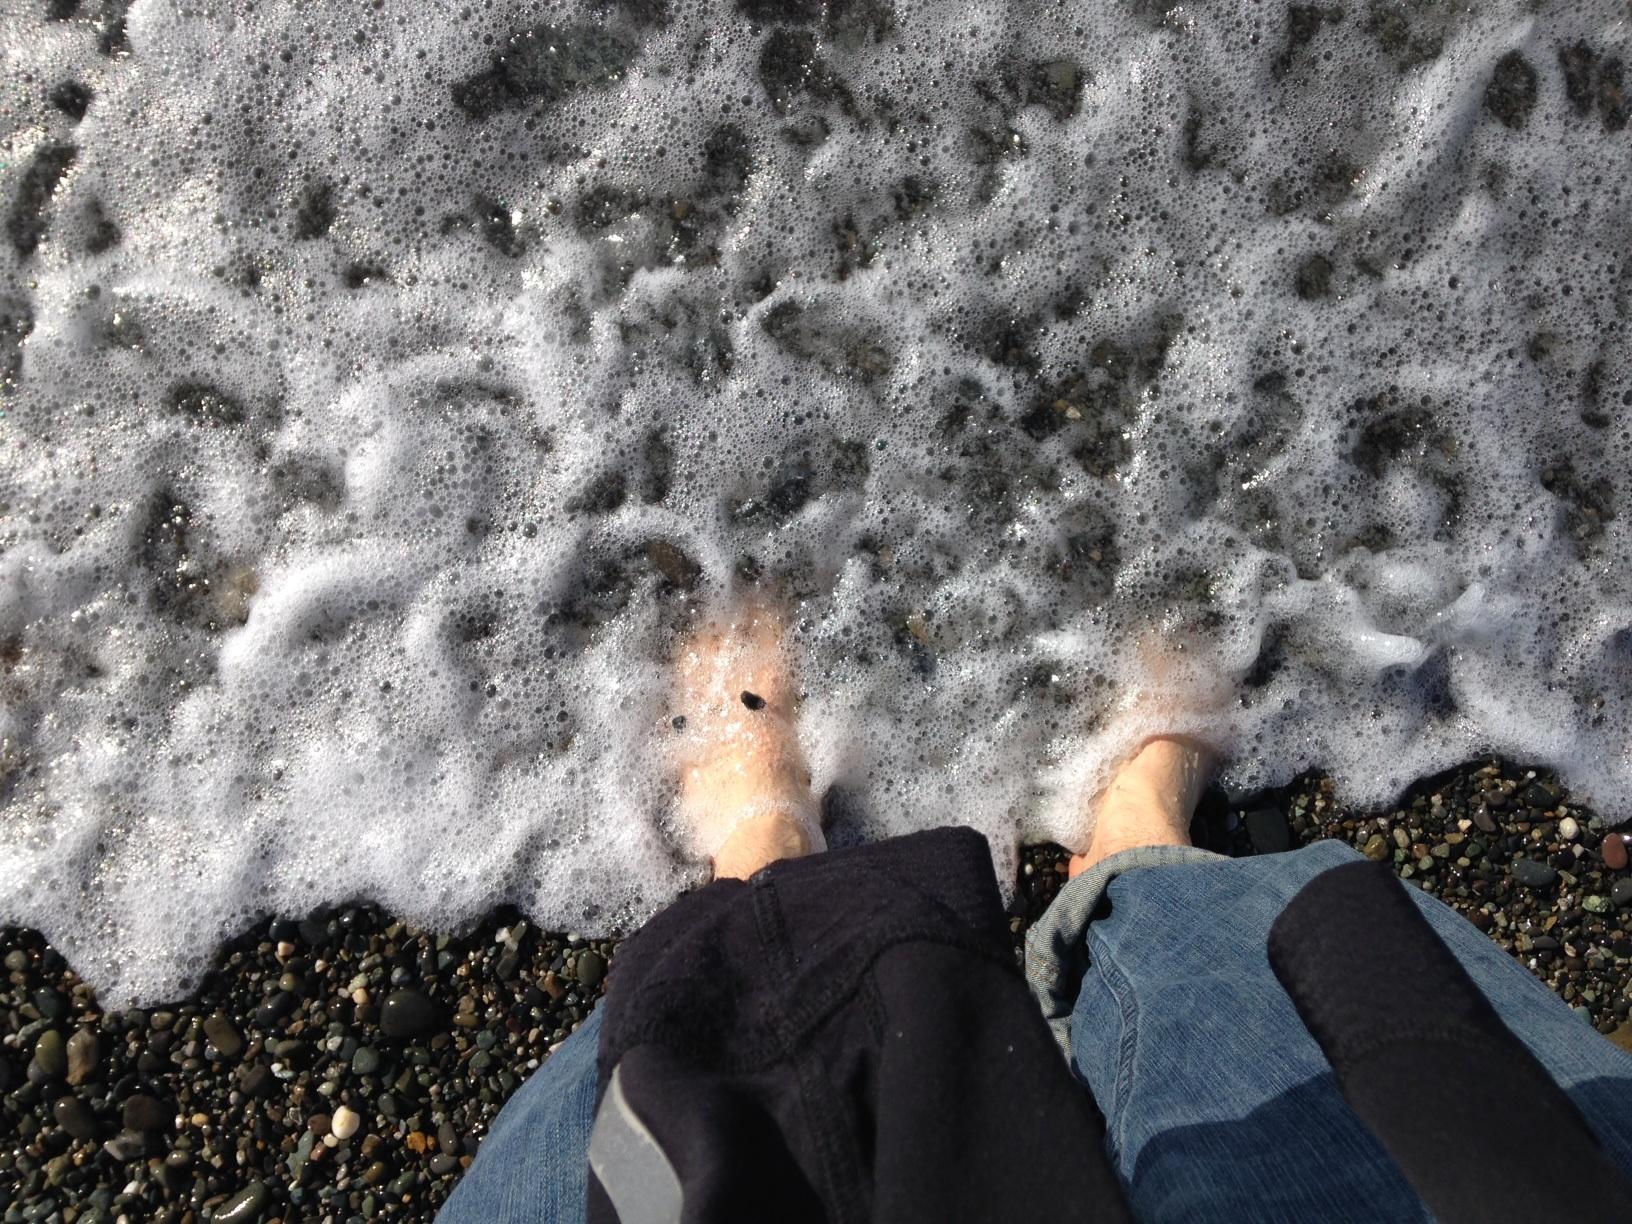 https://fasterskier.com/wp-content/blogs.dir/1/files/2014/02/Feet.jpg